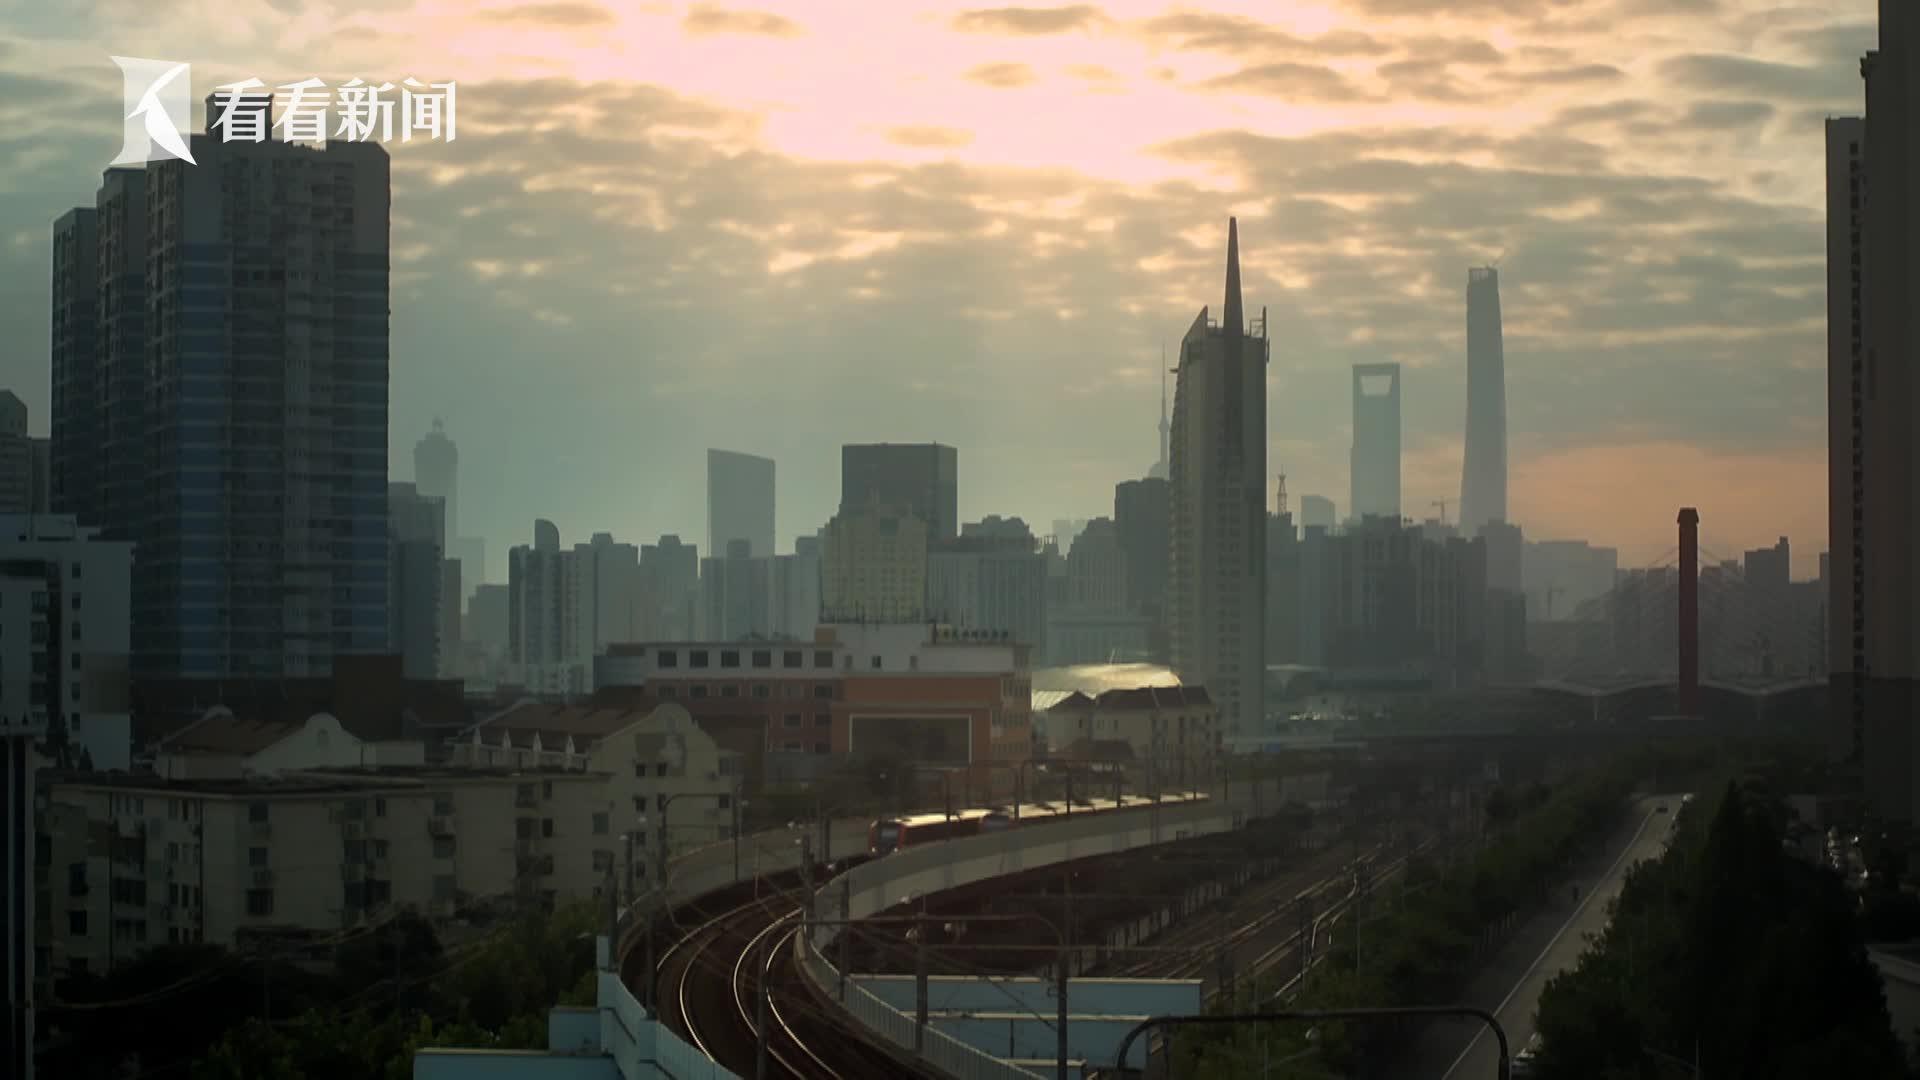 魔都之眼:上海中心 心中上海